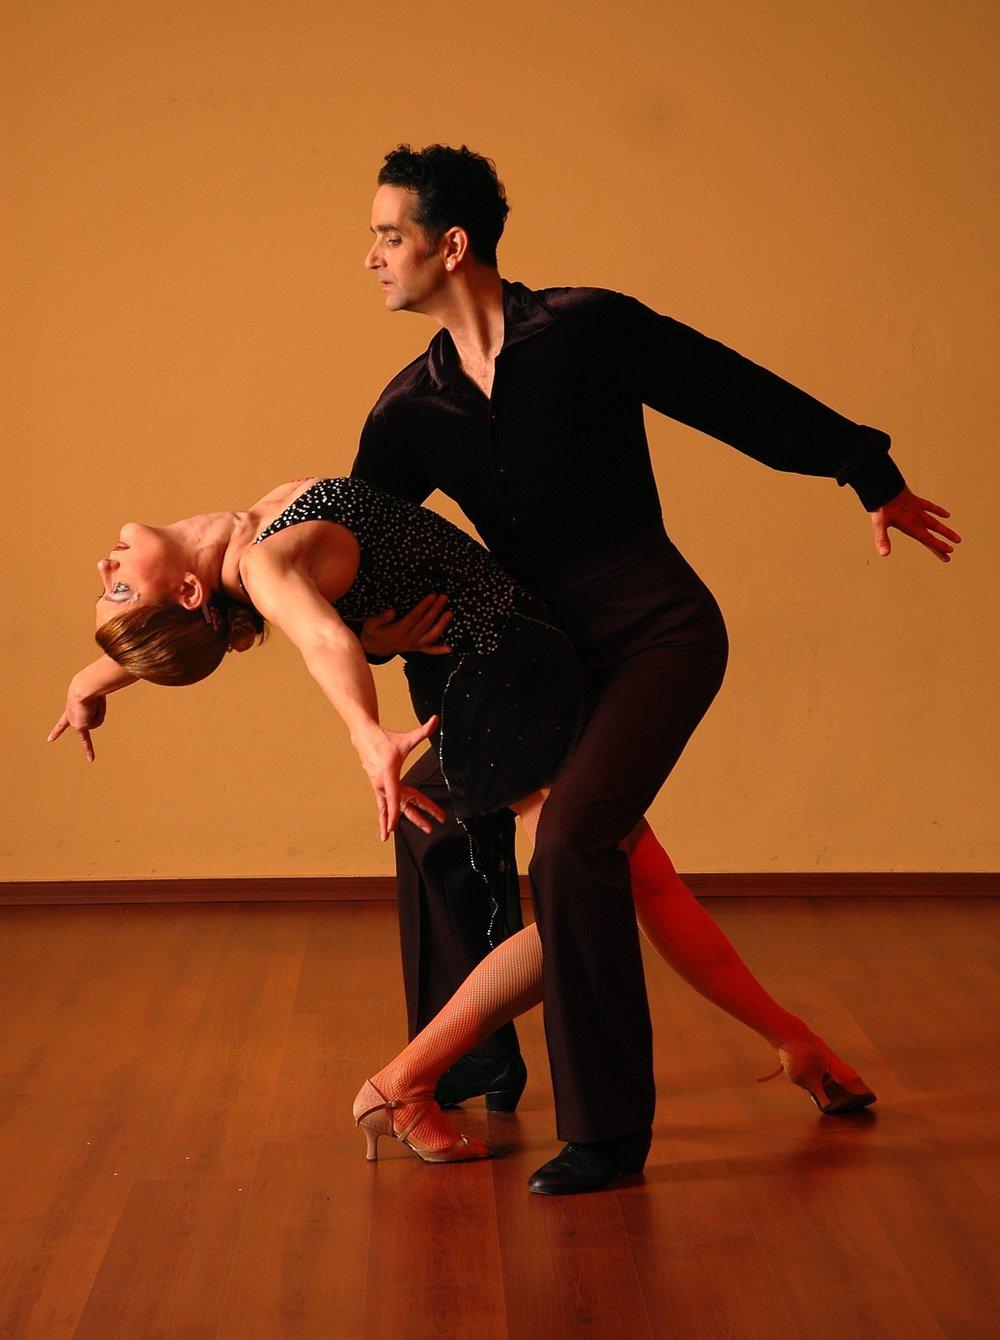 dancing-929816_1920.jpg